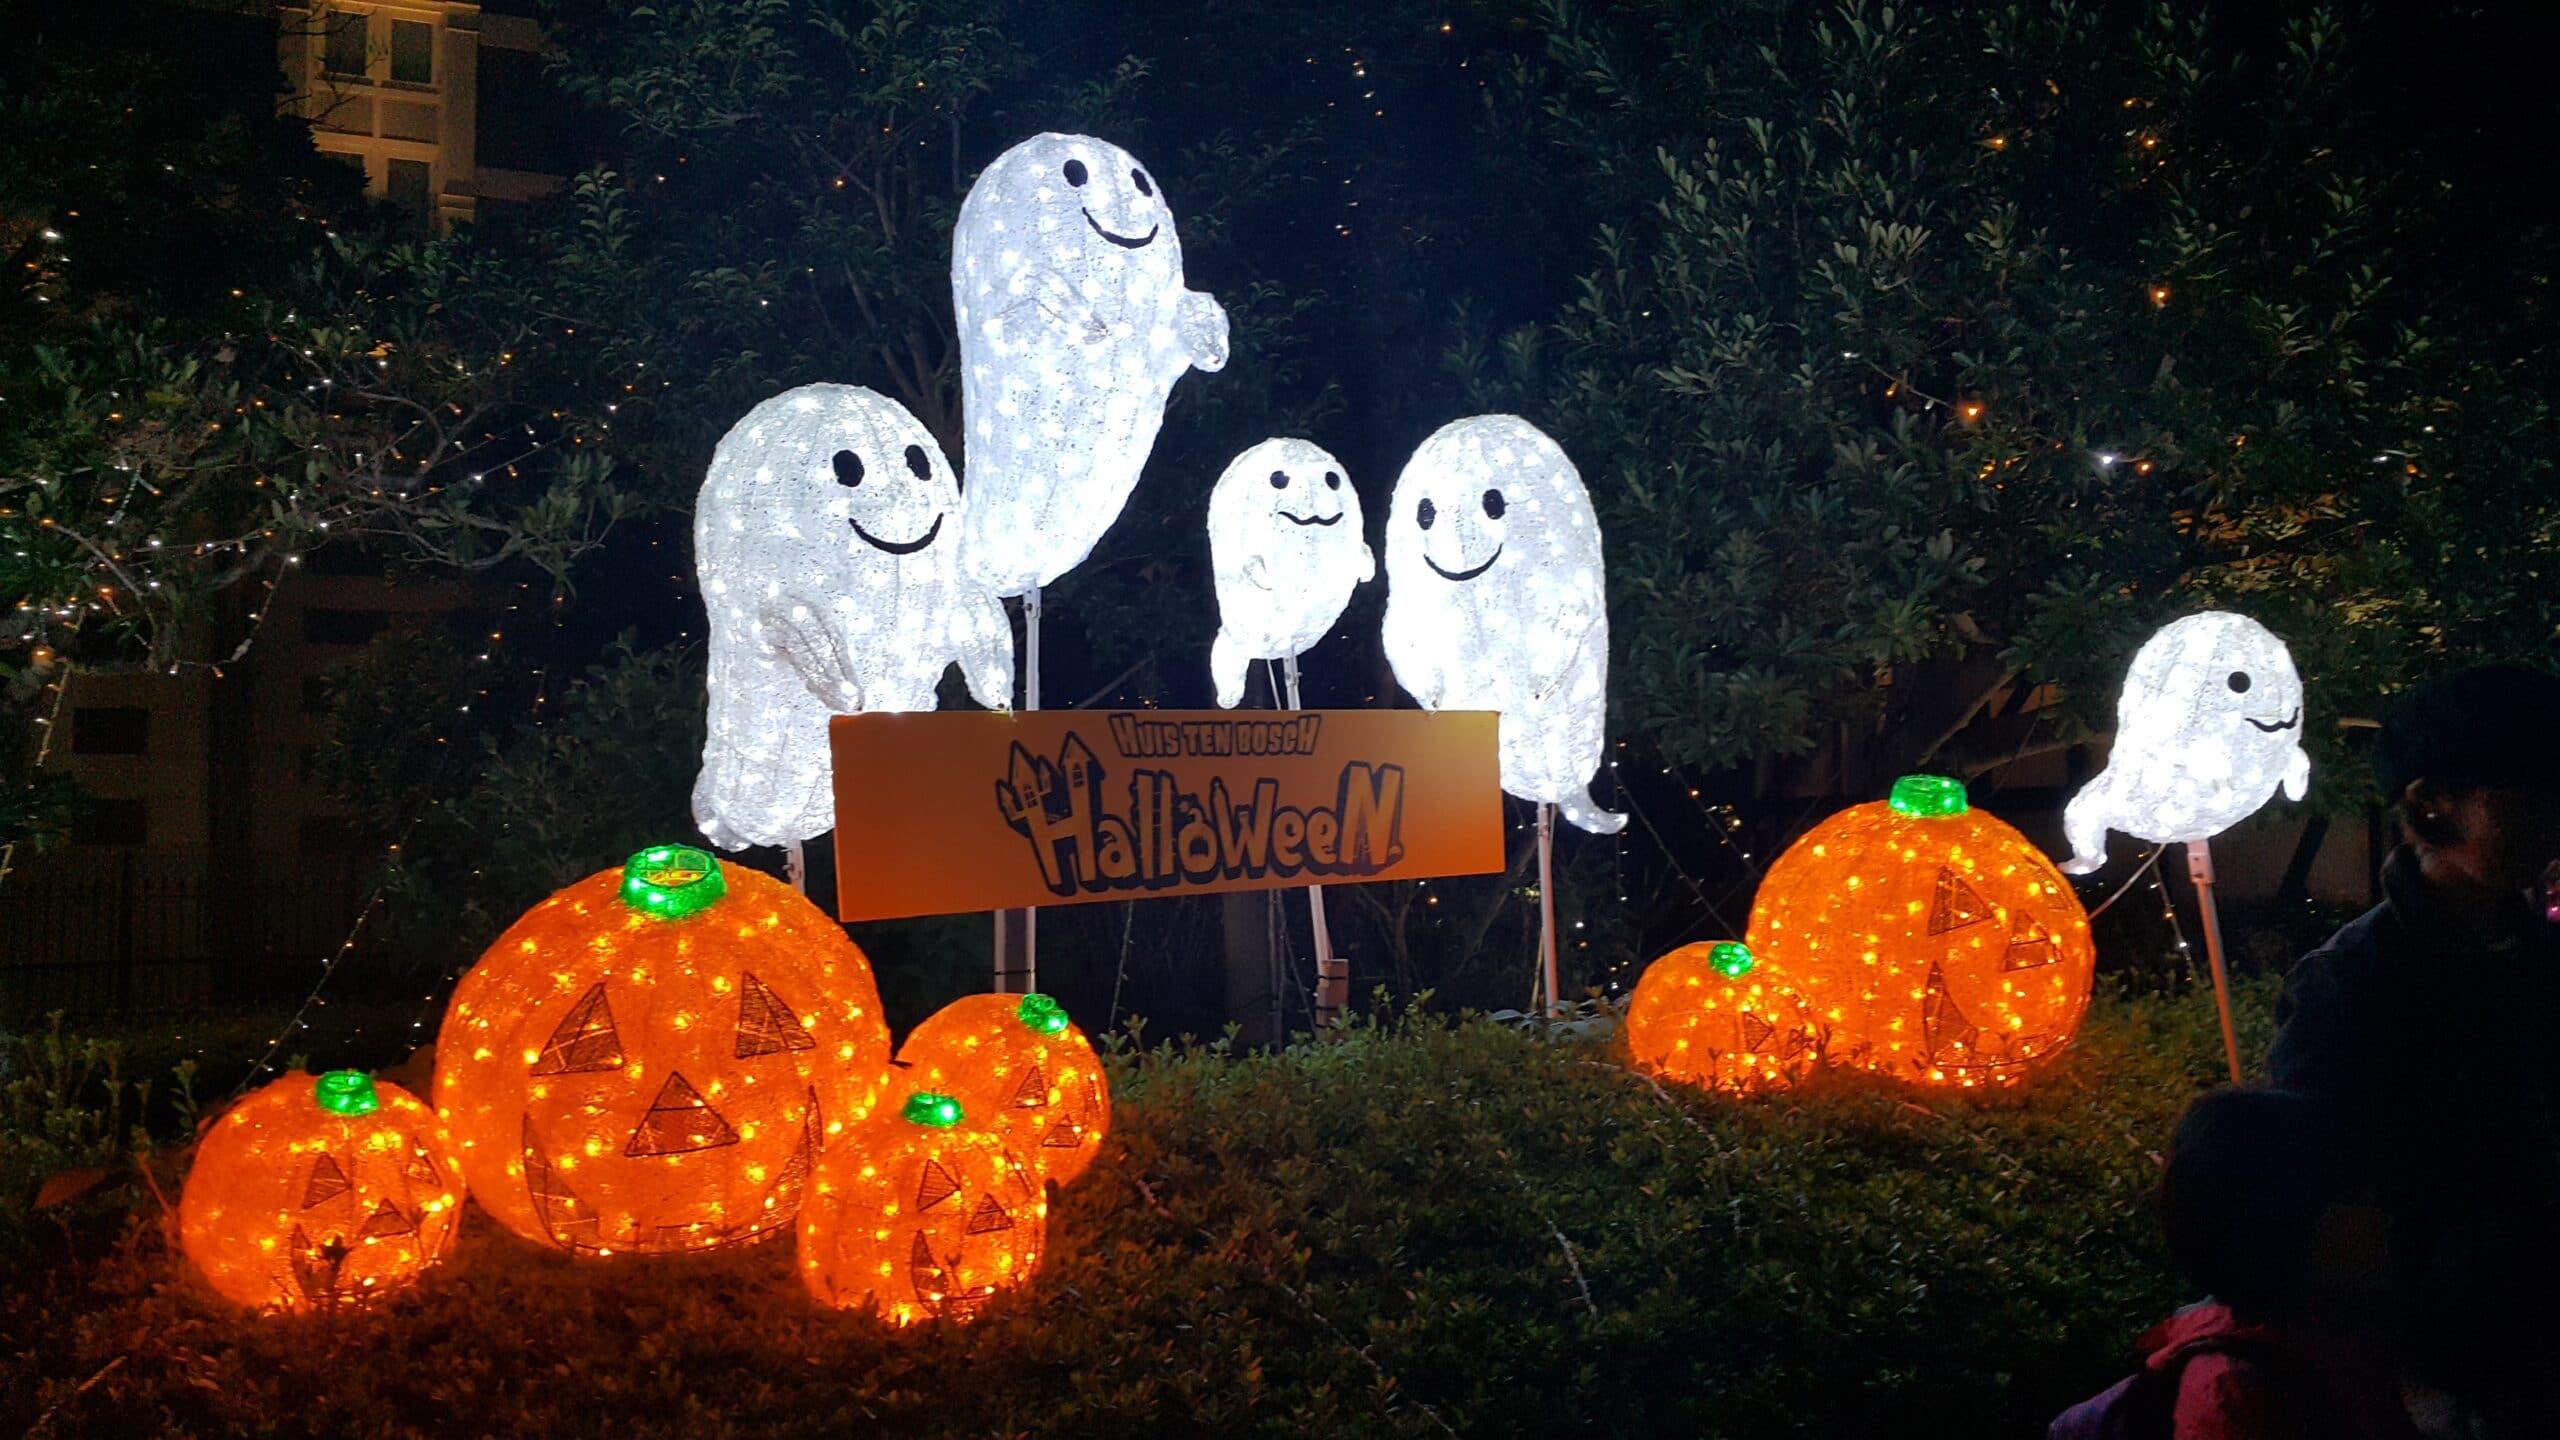 Costumi Halloween: 10 idee per travestimenti originali thumbnail